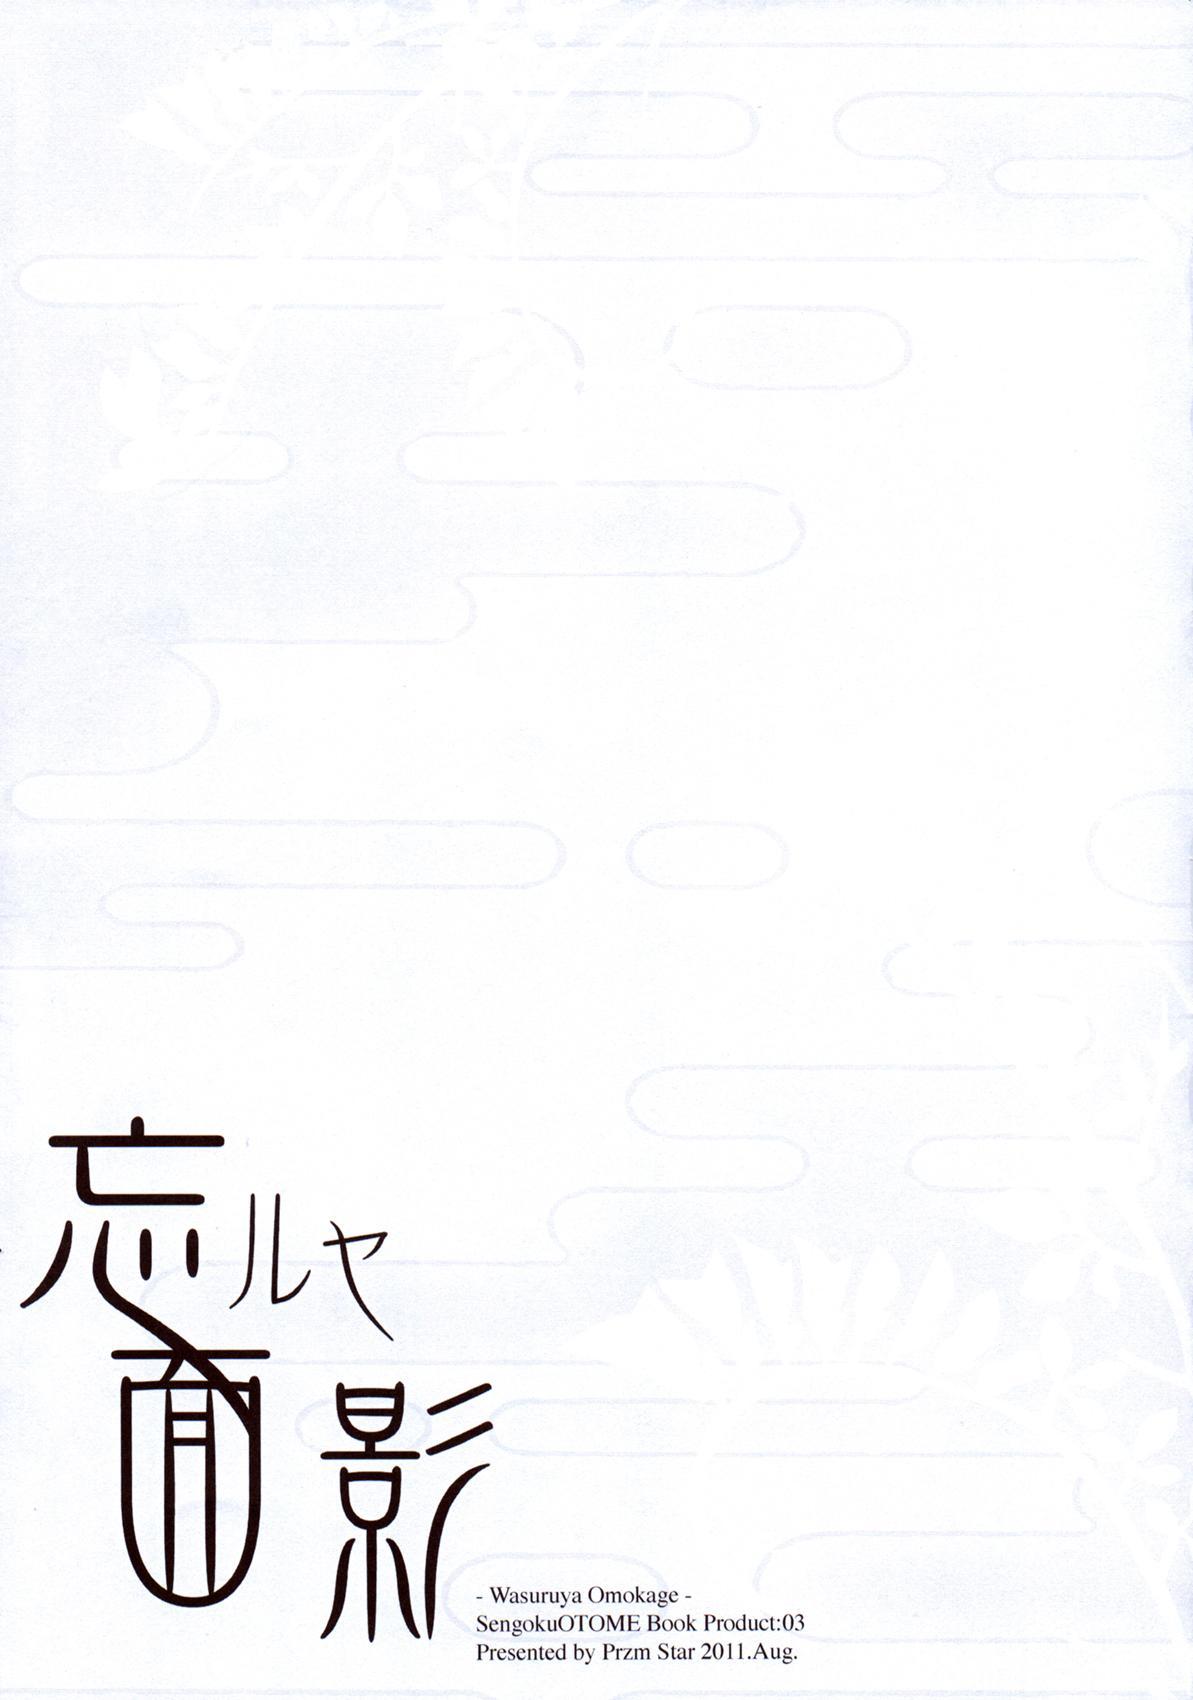 Wasuruya Omokage 14